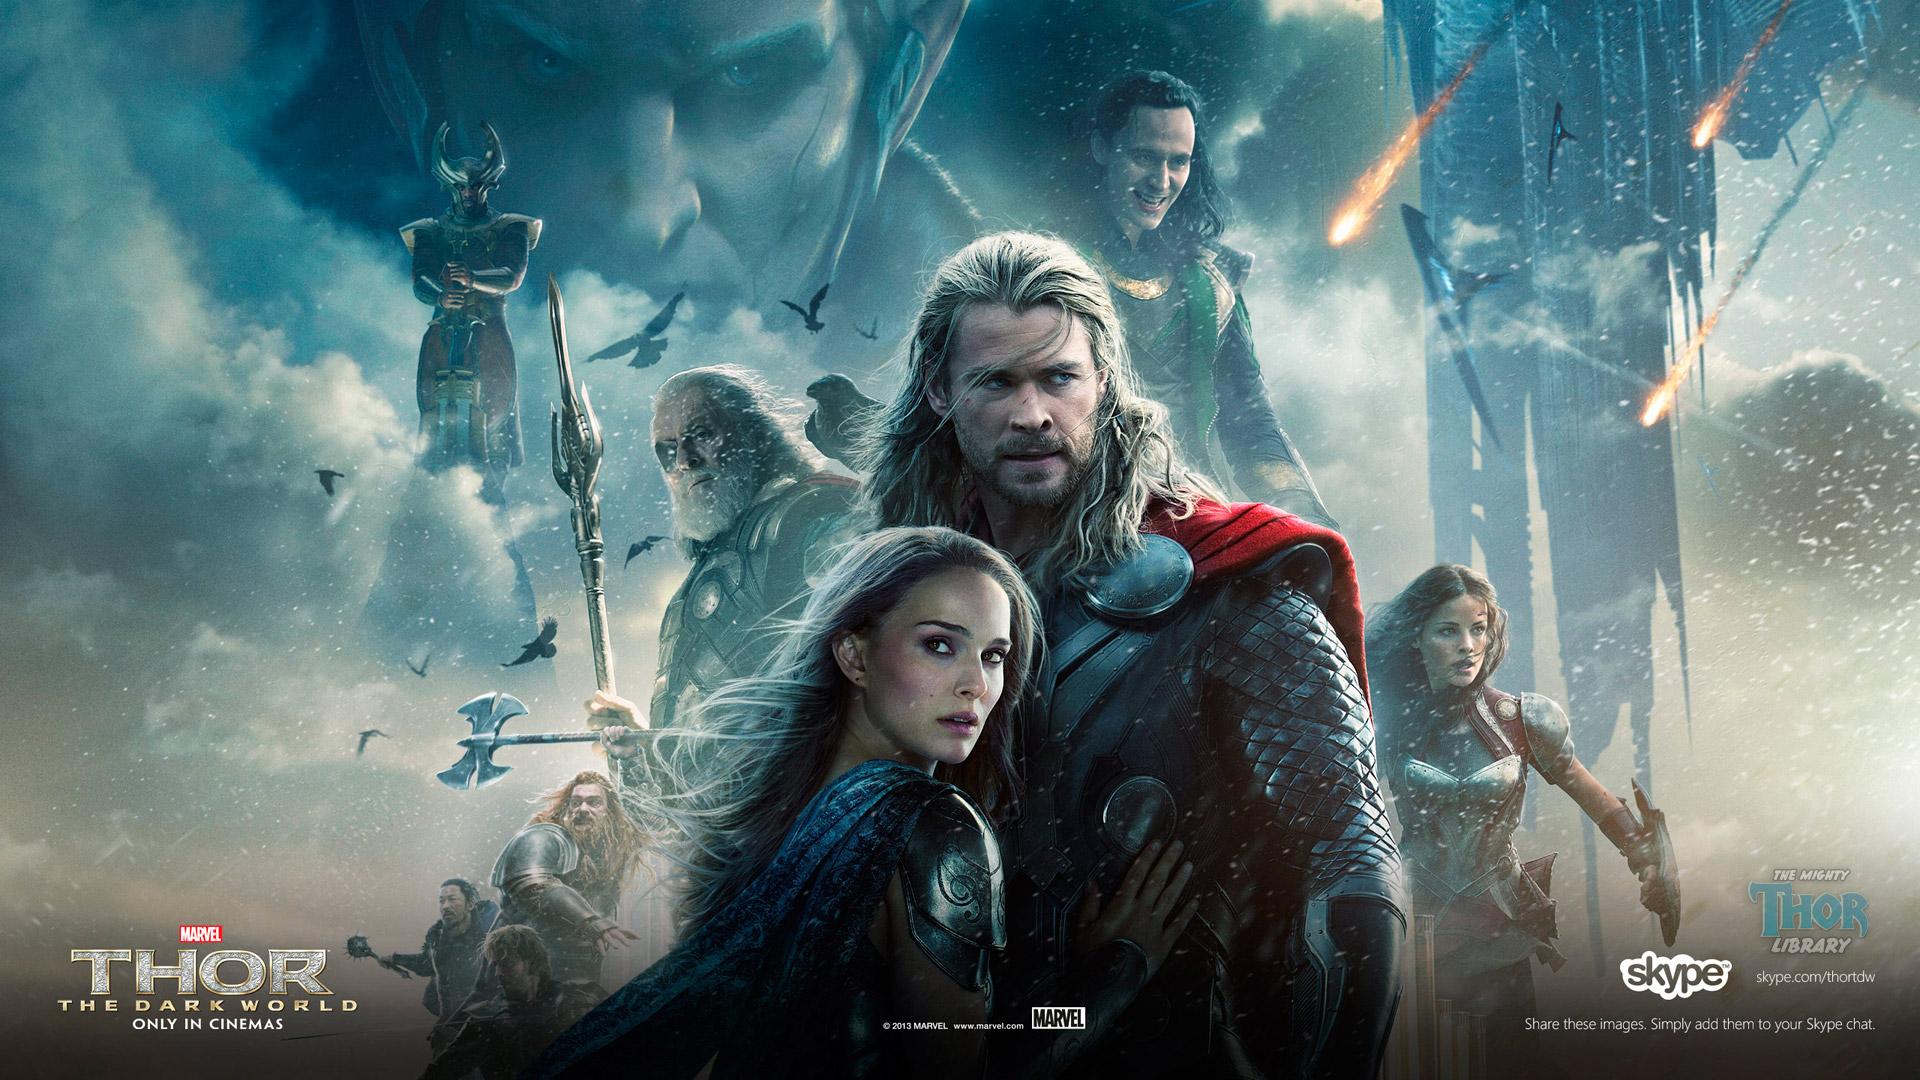 Thor The Dark World Poster Skype Wallpaper 1920x1080